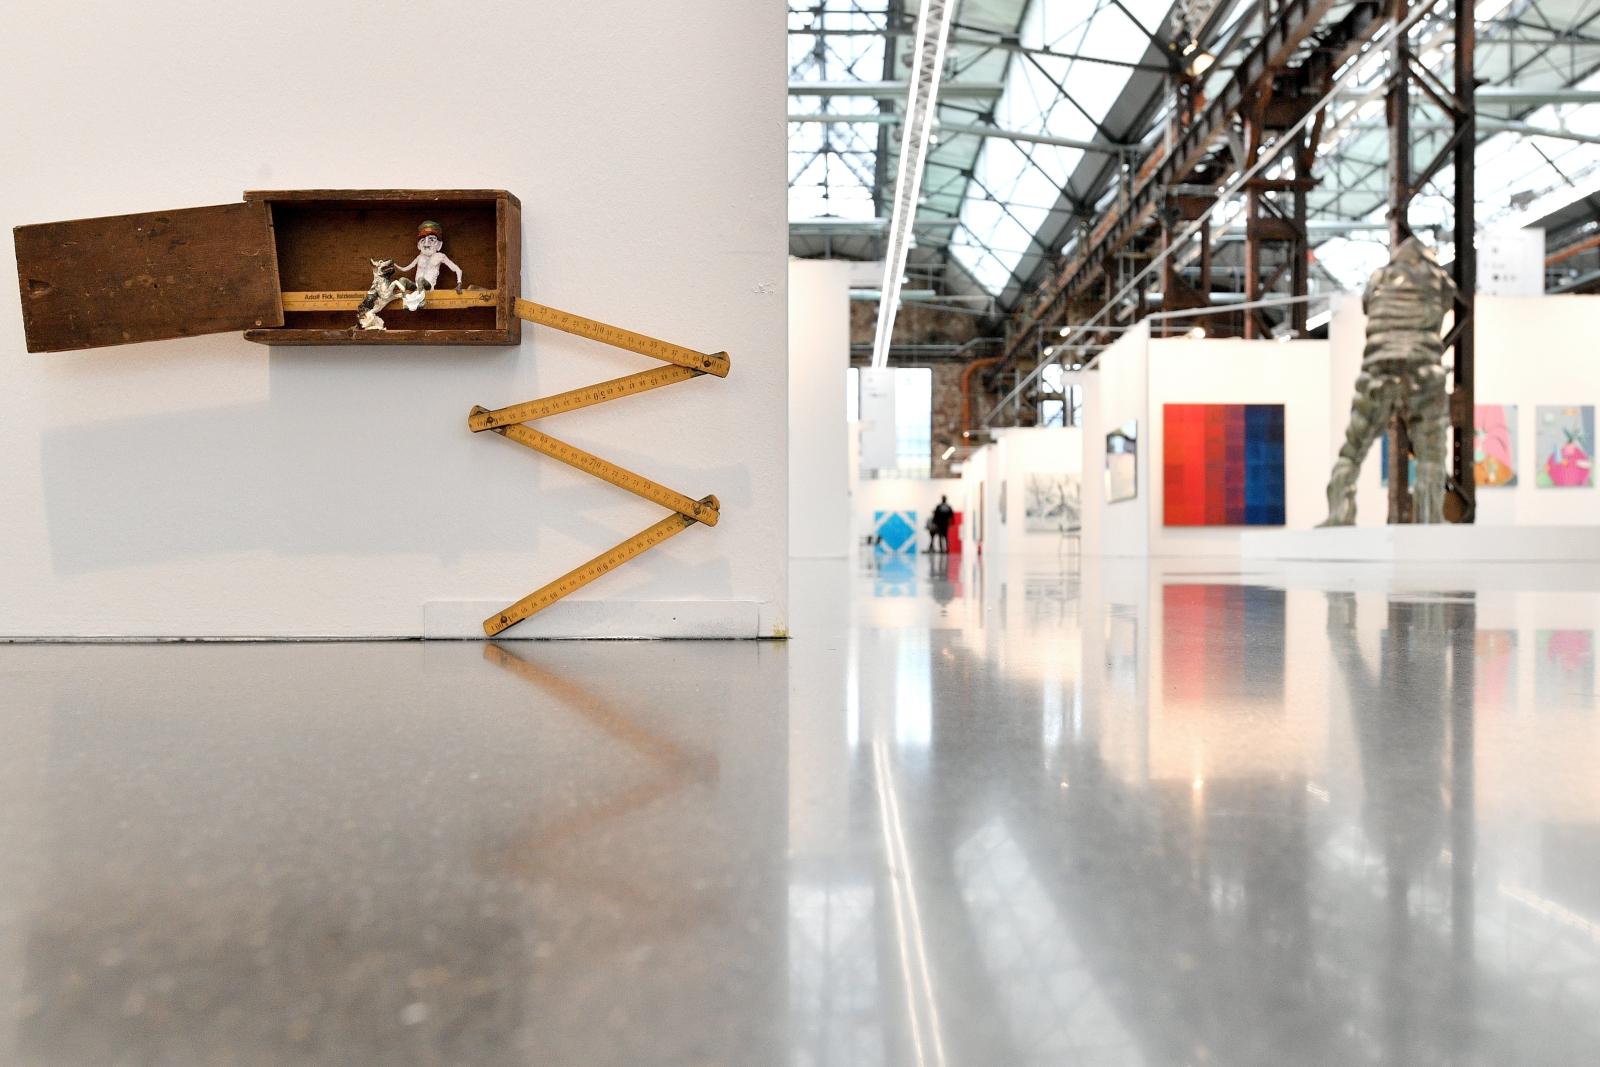 Niezatytułowane dzieło niemieckiego artysty Steffena Lenka wystawione w Duesseldorfie.